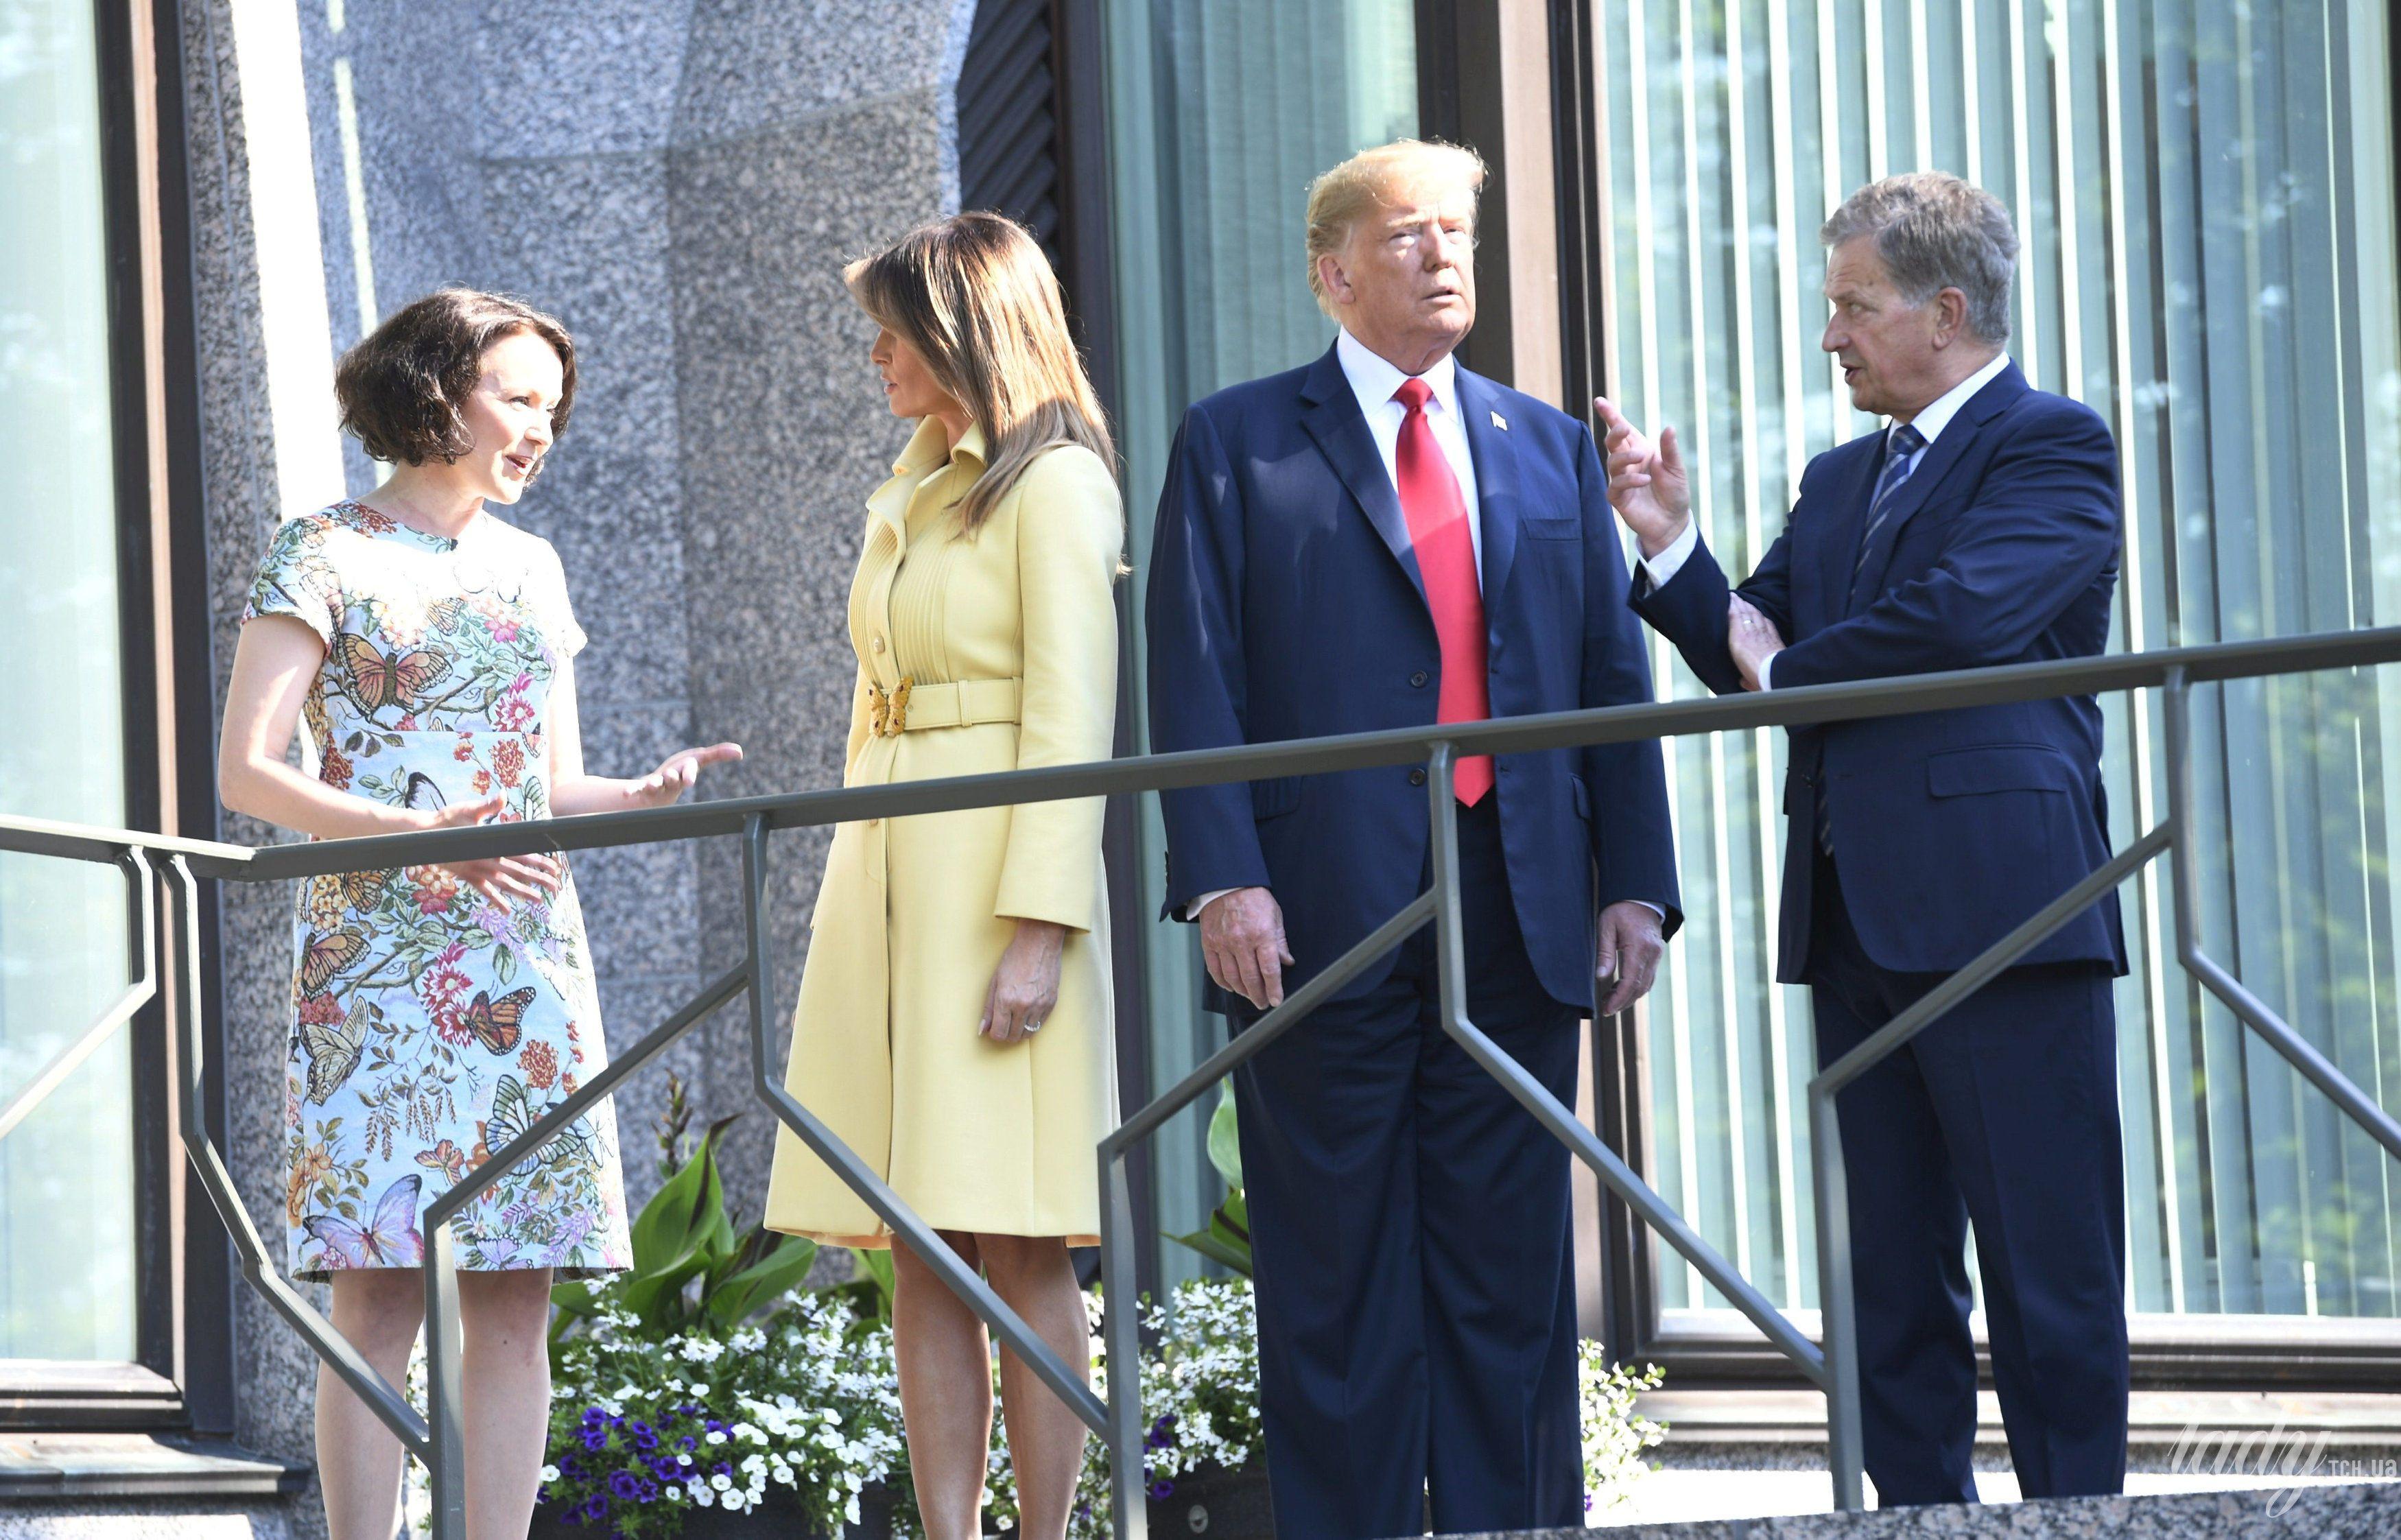 Дональд Трамп, первая леди Мелания Трамп, президент Финляндии Саули Ниинисто, его жена Дженни Хаукио_4